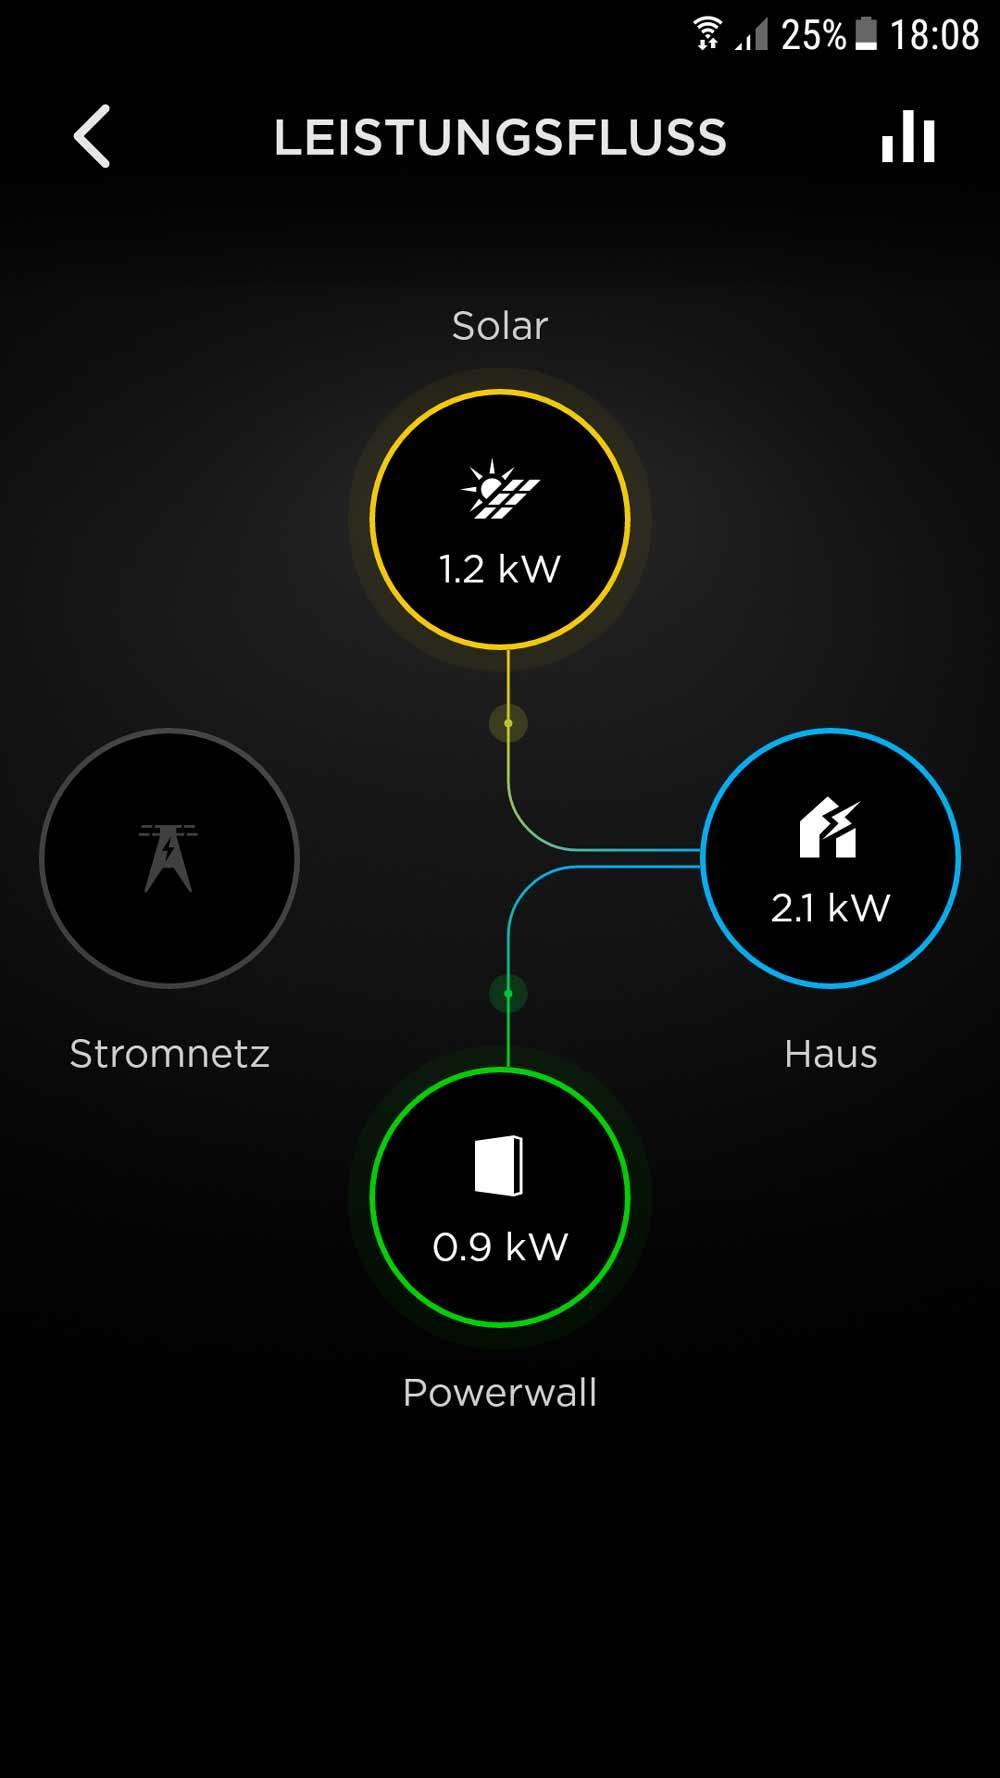 Screenshot_1-Leistungsfluss.jpg